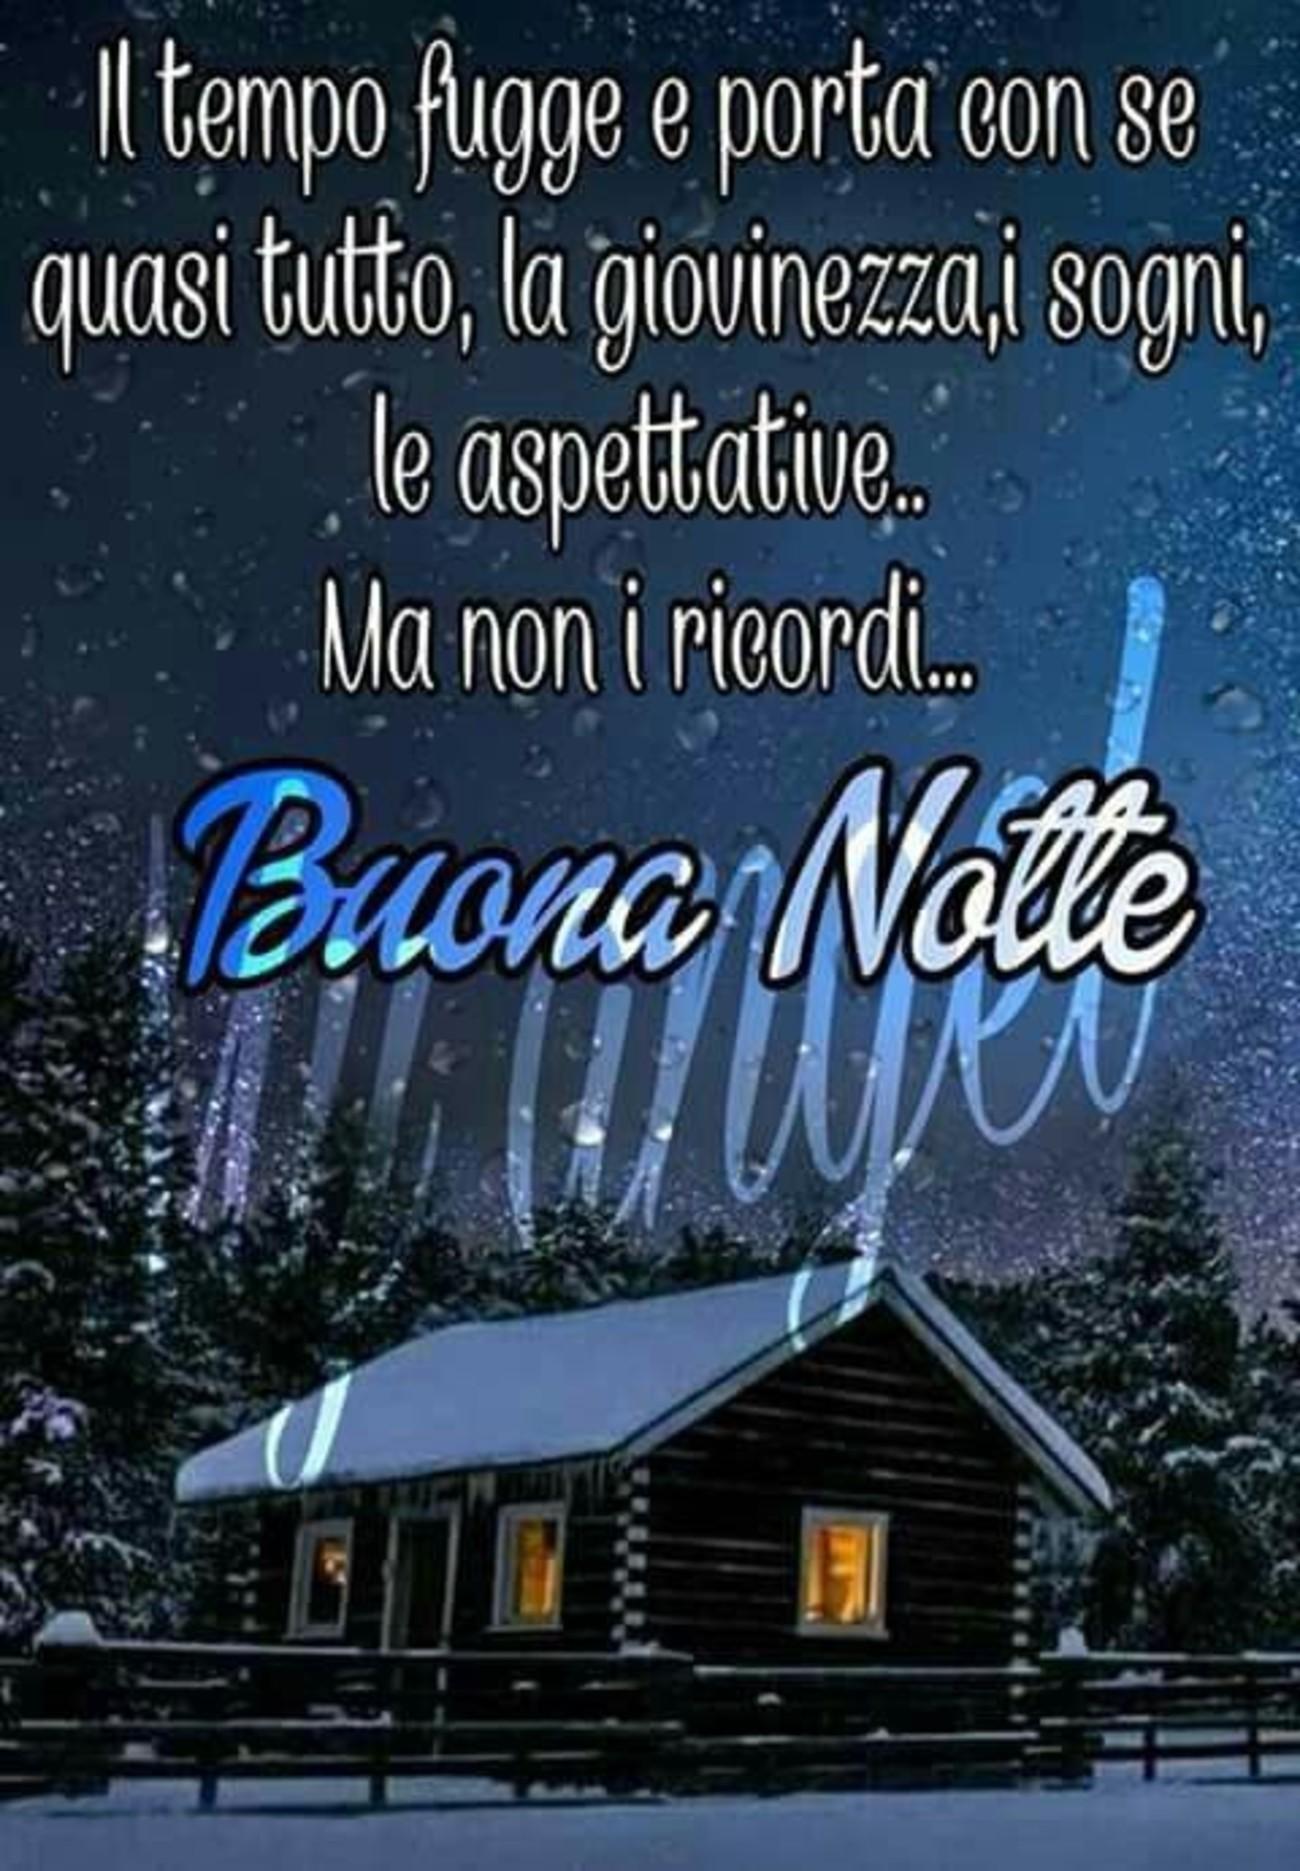 Buonanotte invernale